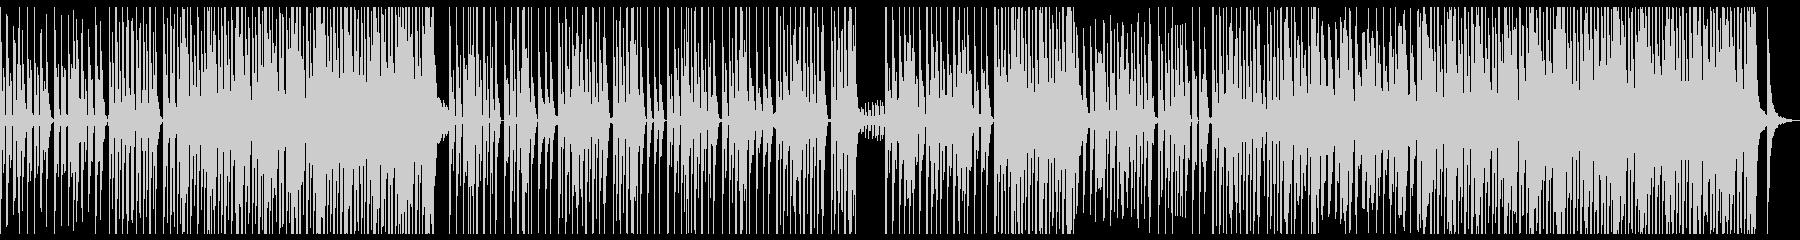 シンプルでキャッチ―なダンスビートの未再生の波形